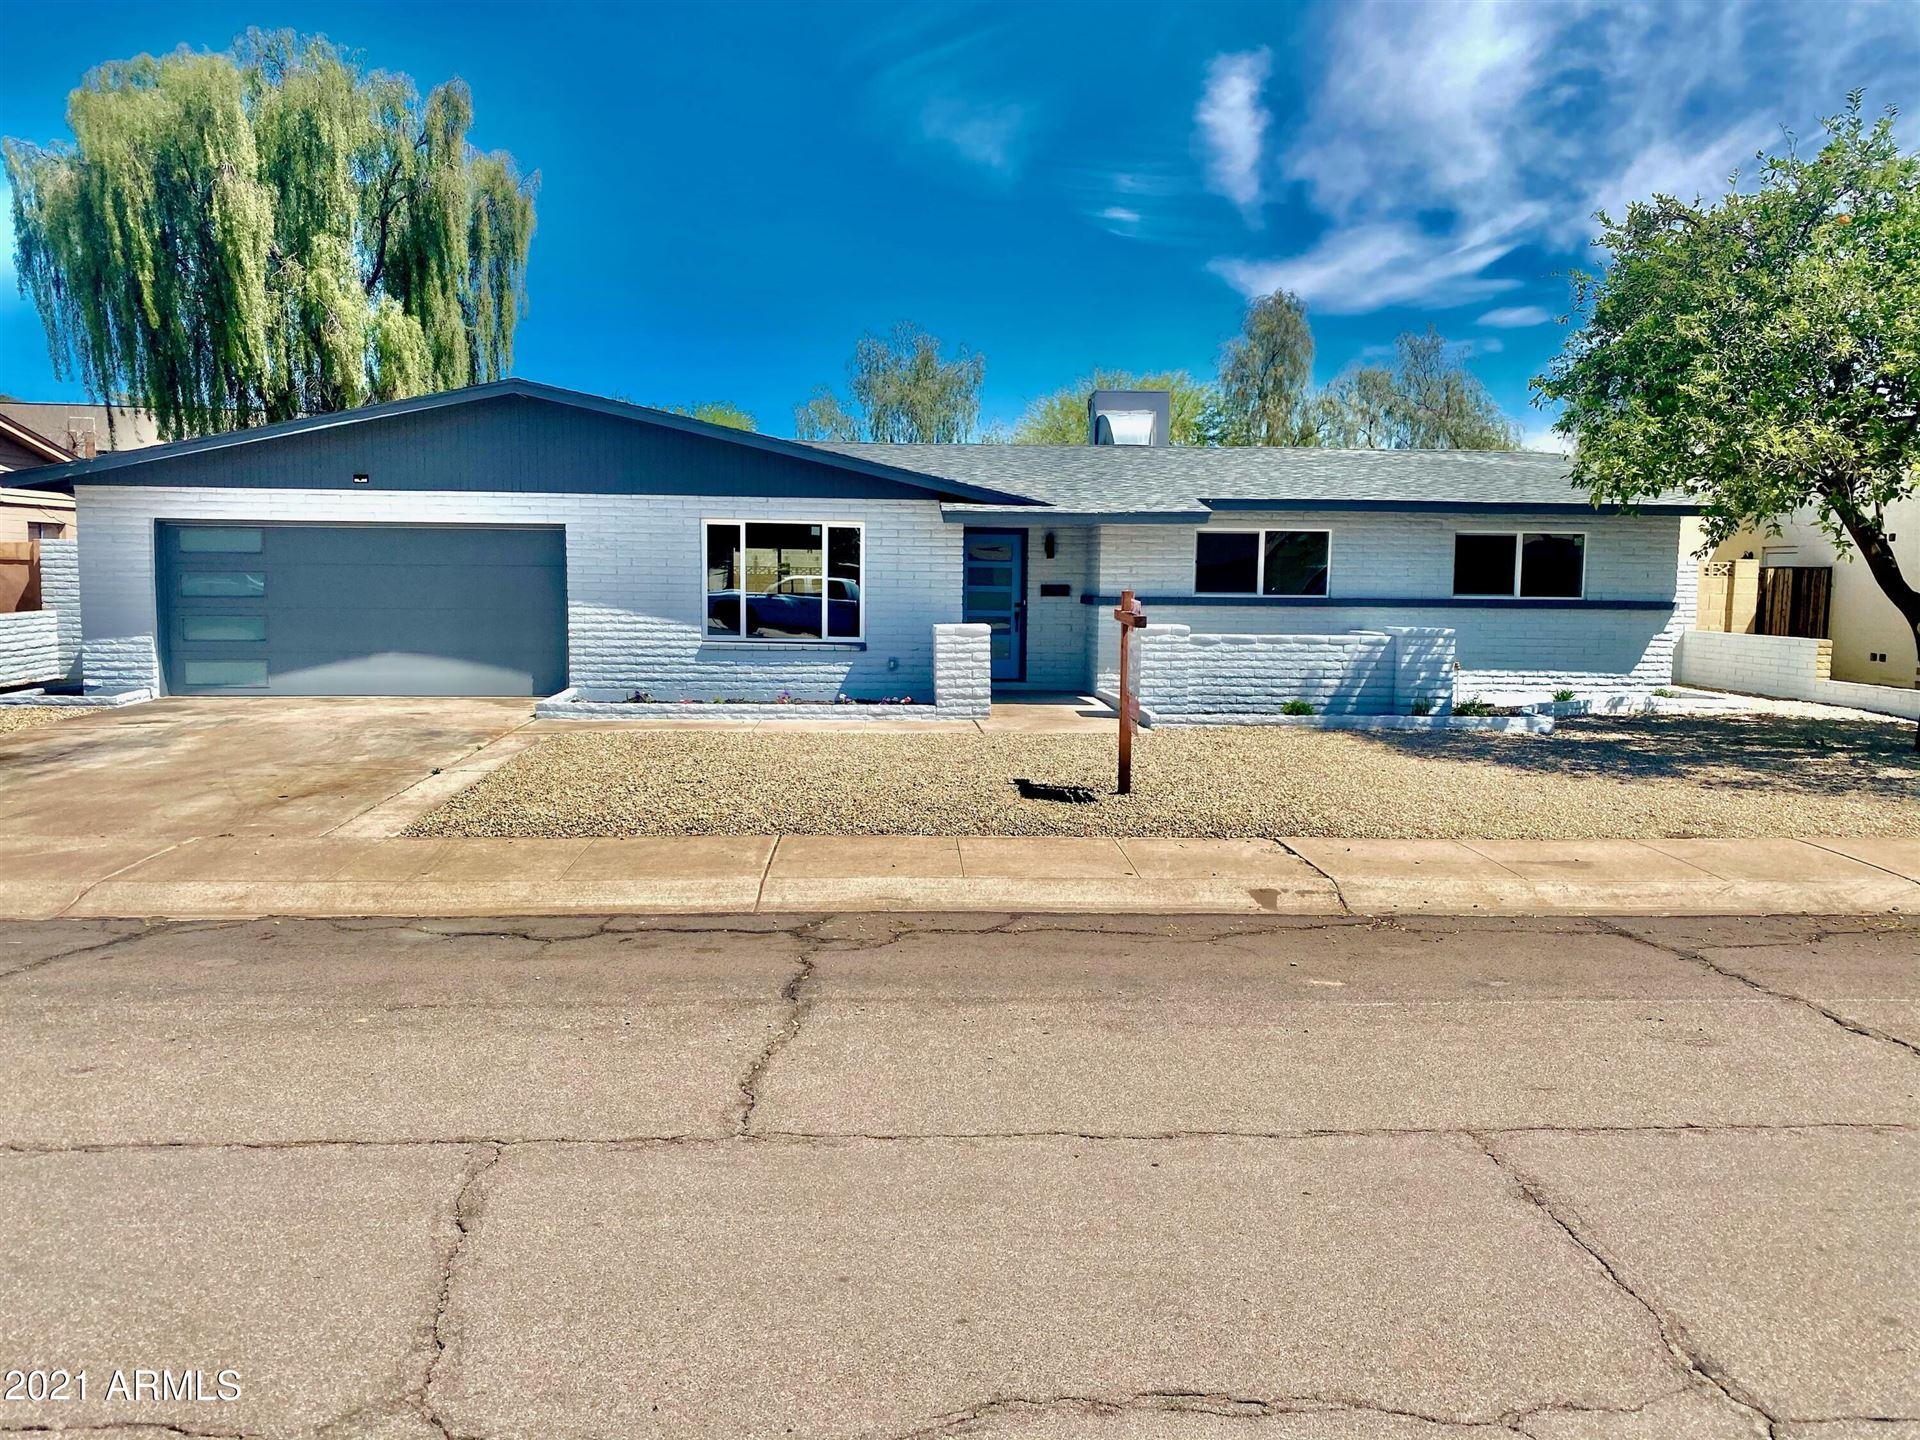 2174 E Palmcroft Drive, Tempe, AZ 85282 - MLS#: 6223460